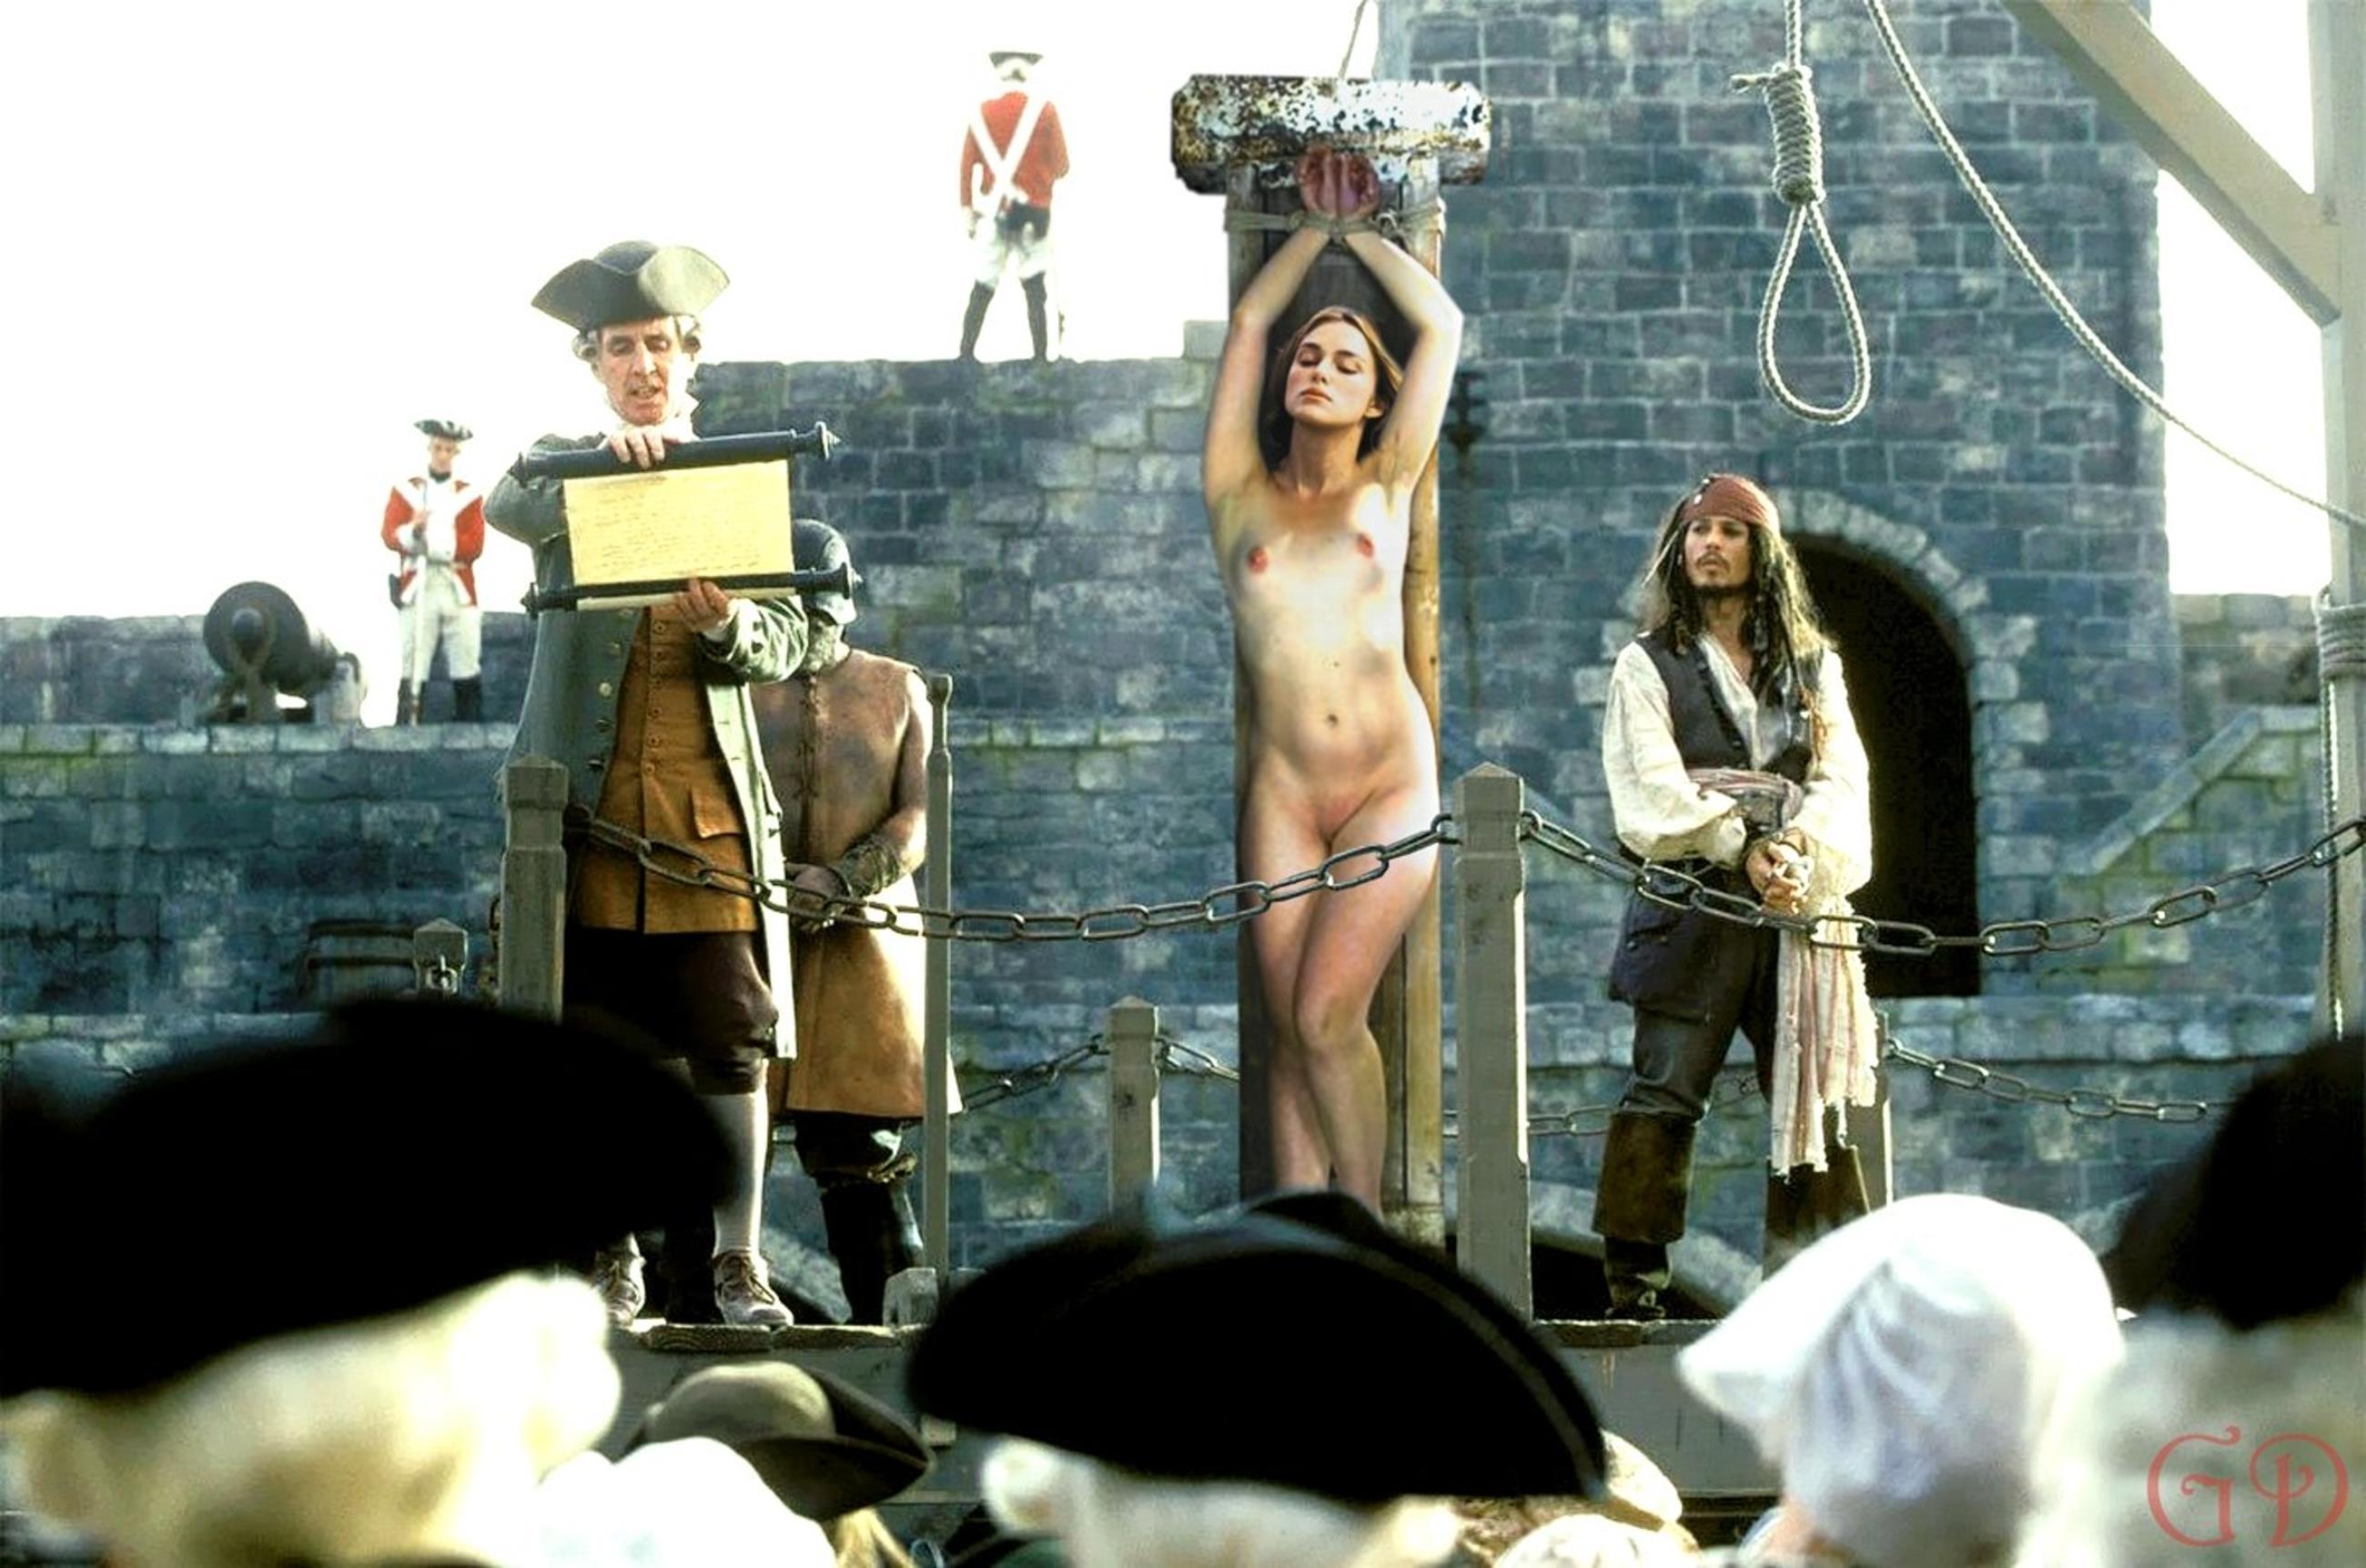 golie-blondinki-porno-film-porno-pirati-seks-golie-devushki